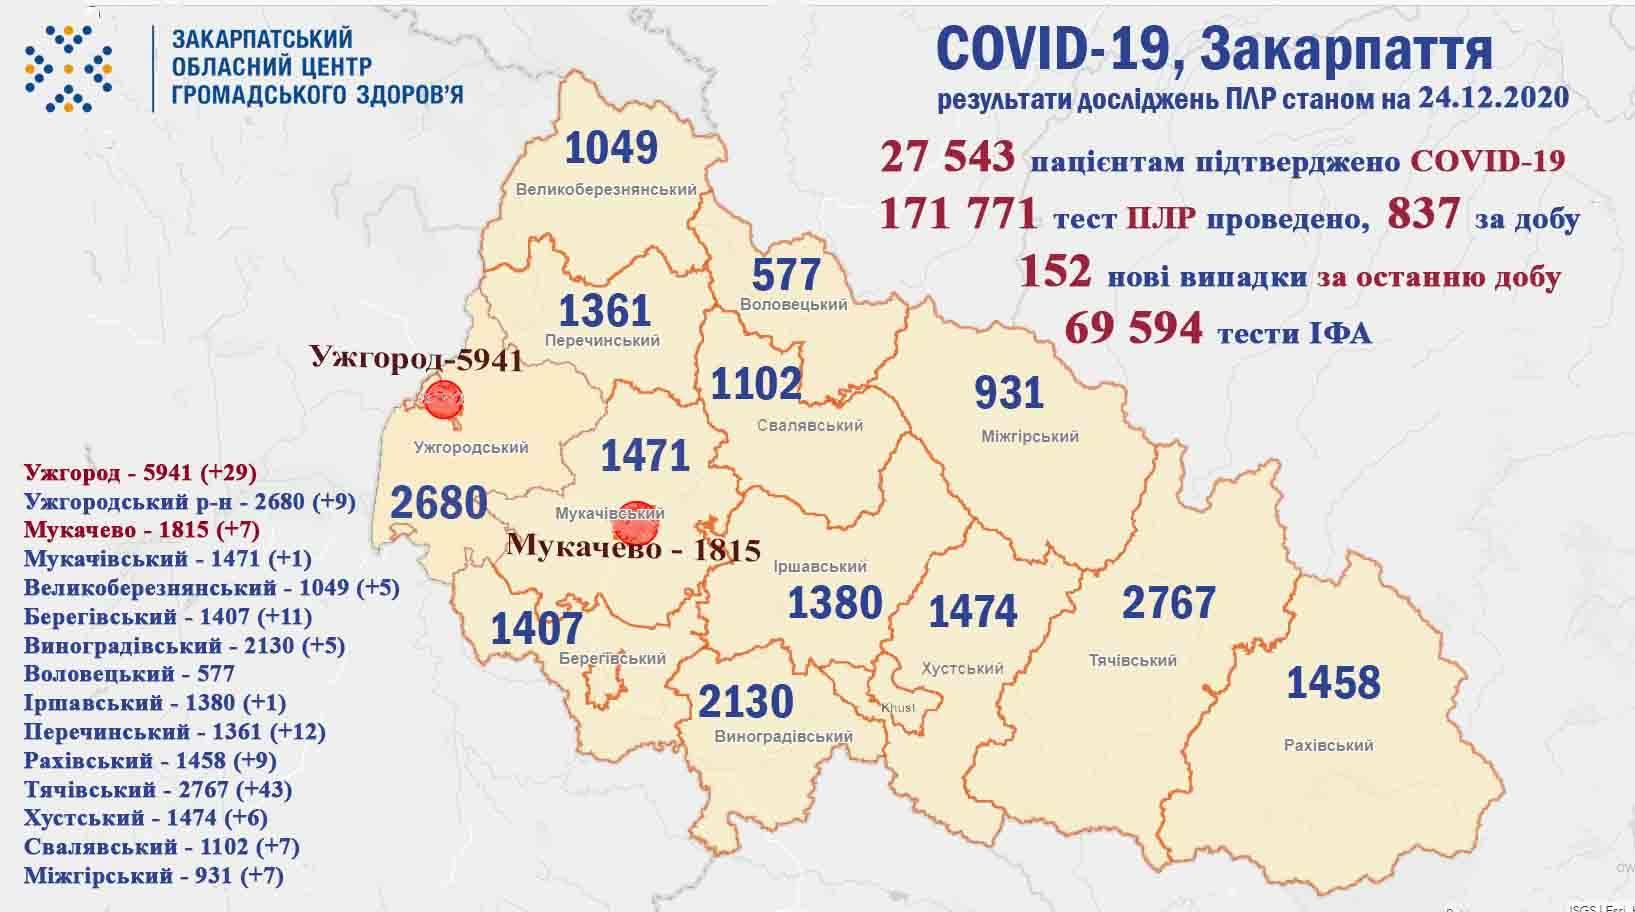 На Закарпатті за добу виявили 152 випадки COVID-19, 5 хворих померло